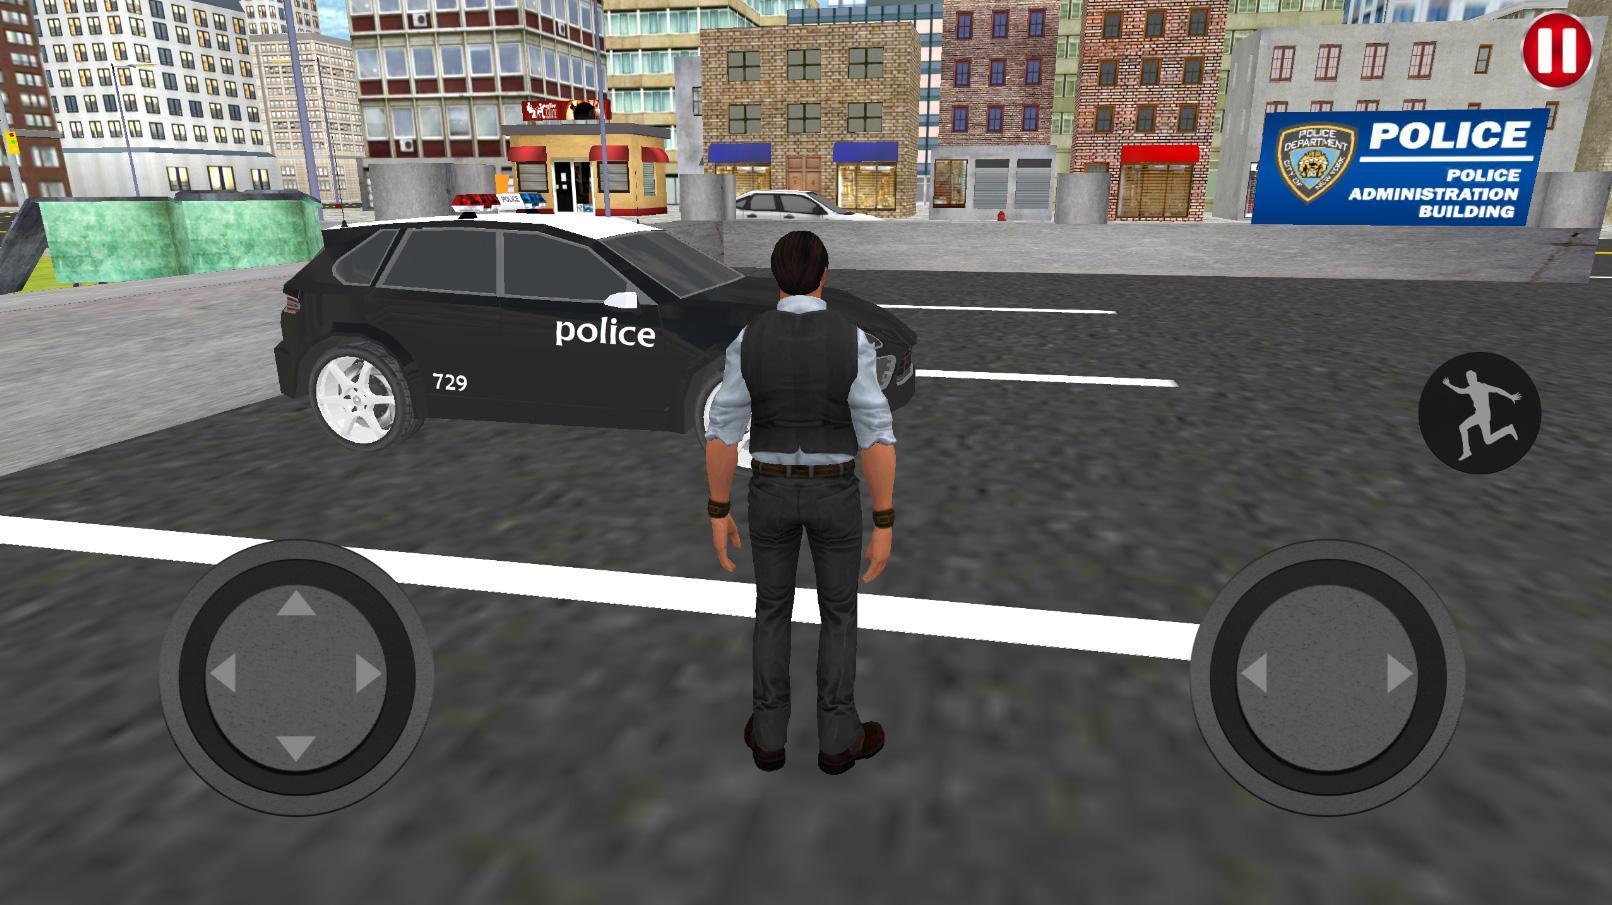 Police Et Voiture Simulateur De Jeu 3D Pour Android pour Jeux De Voiture Avec La Police